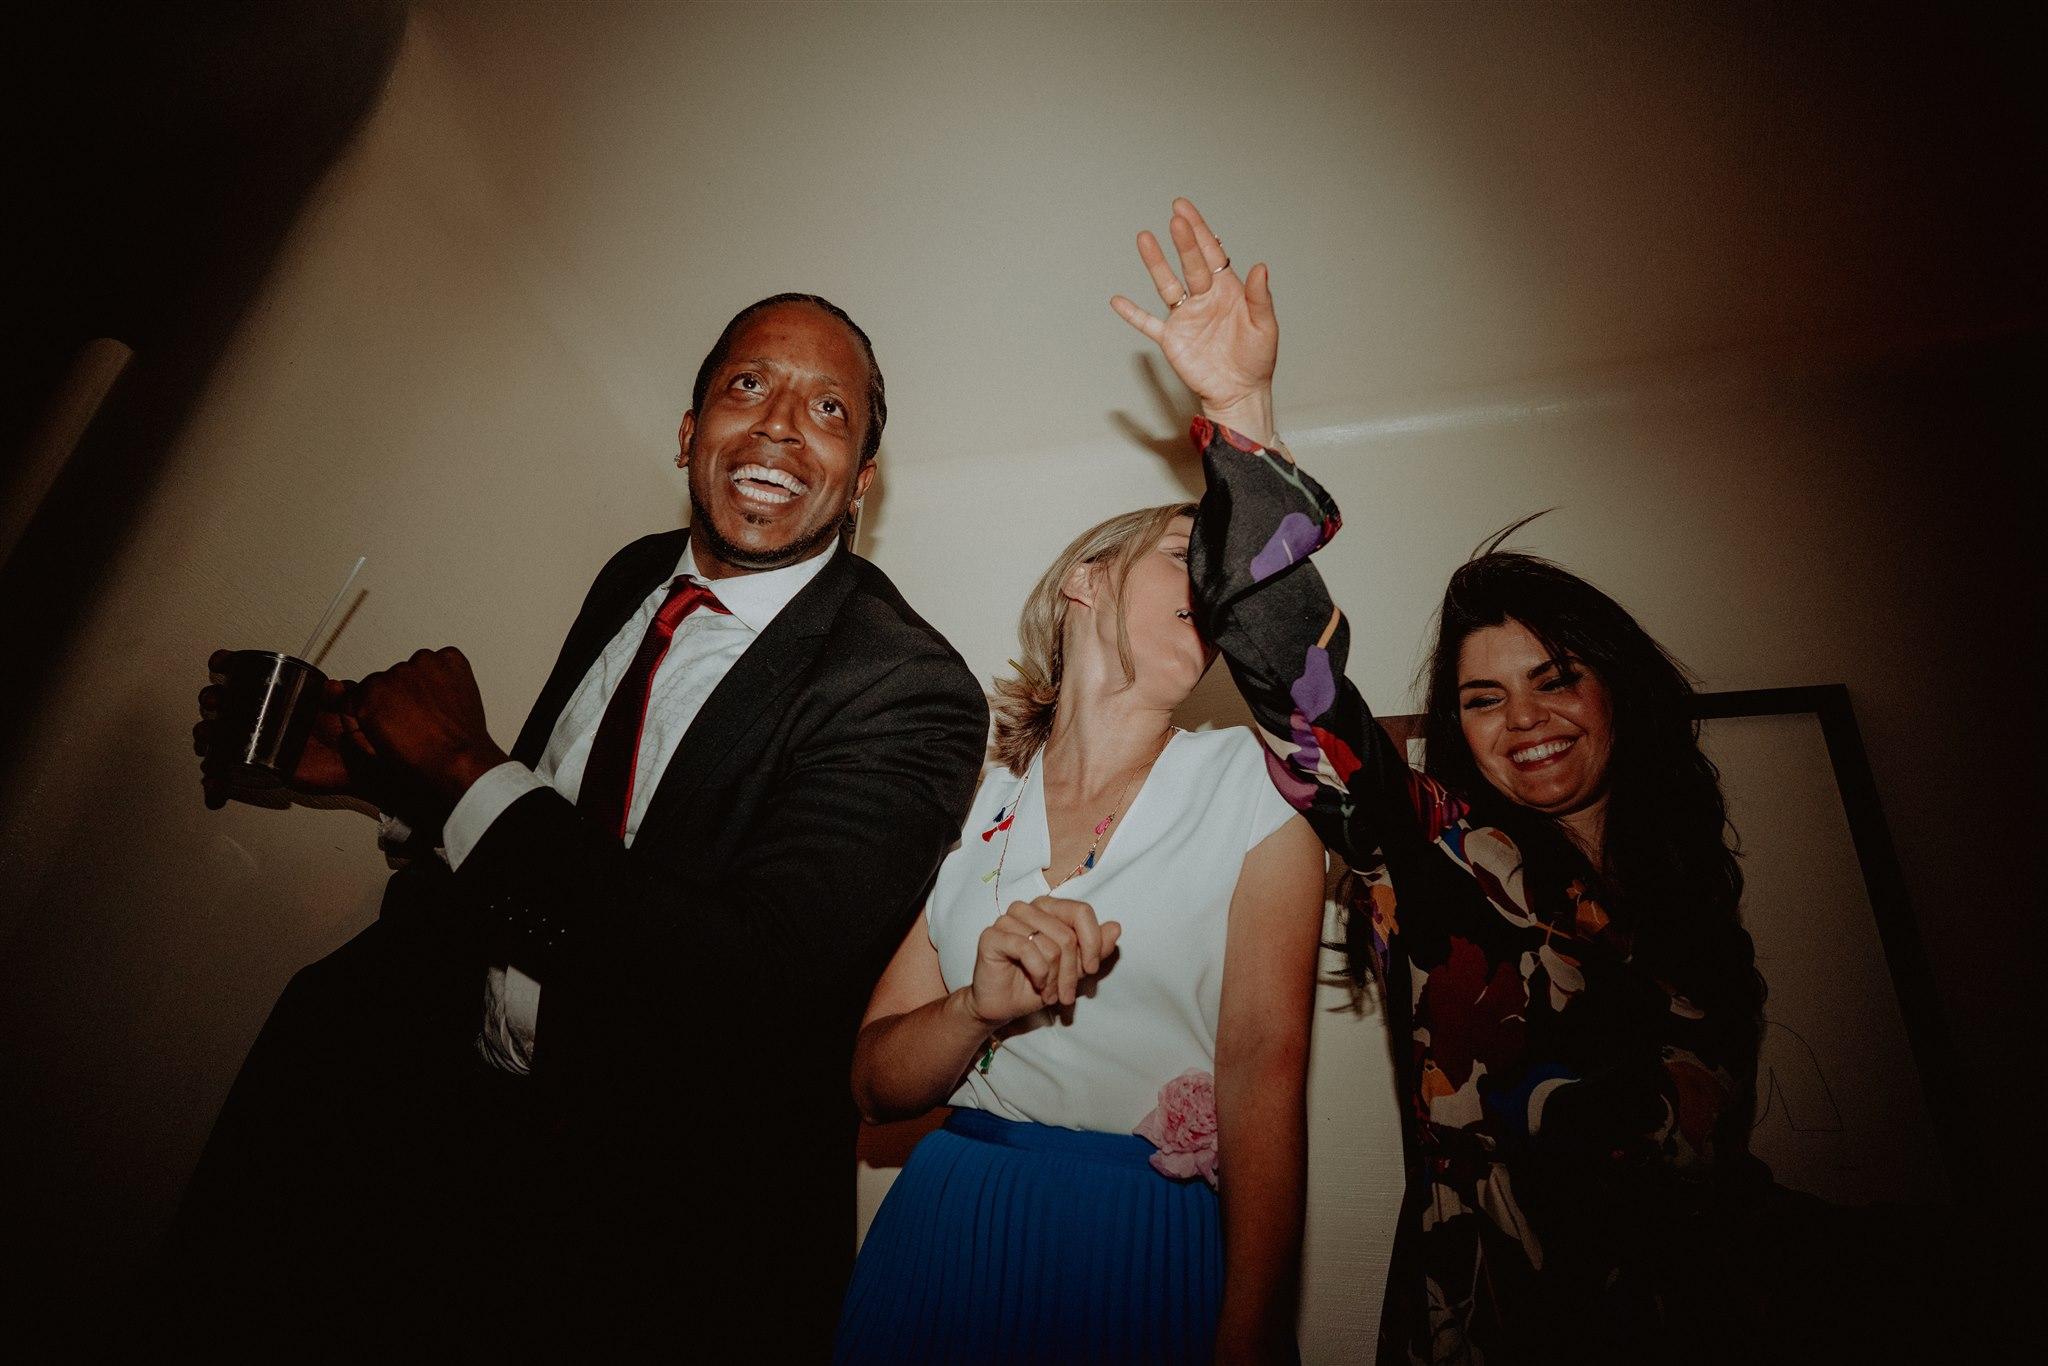 Chellise_Michael_Photography_Ramona_Brooklyn_Wedding_Photographer-741.jpg